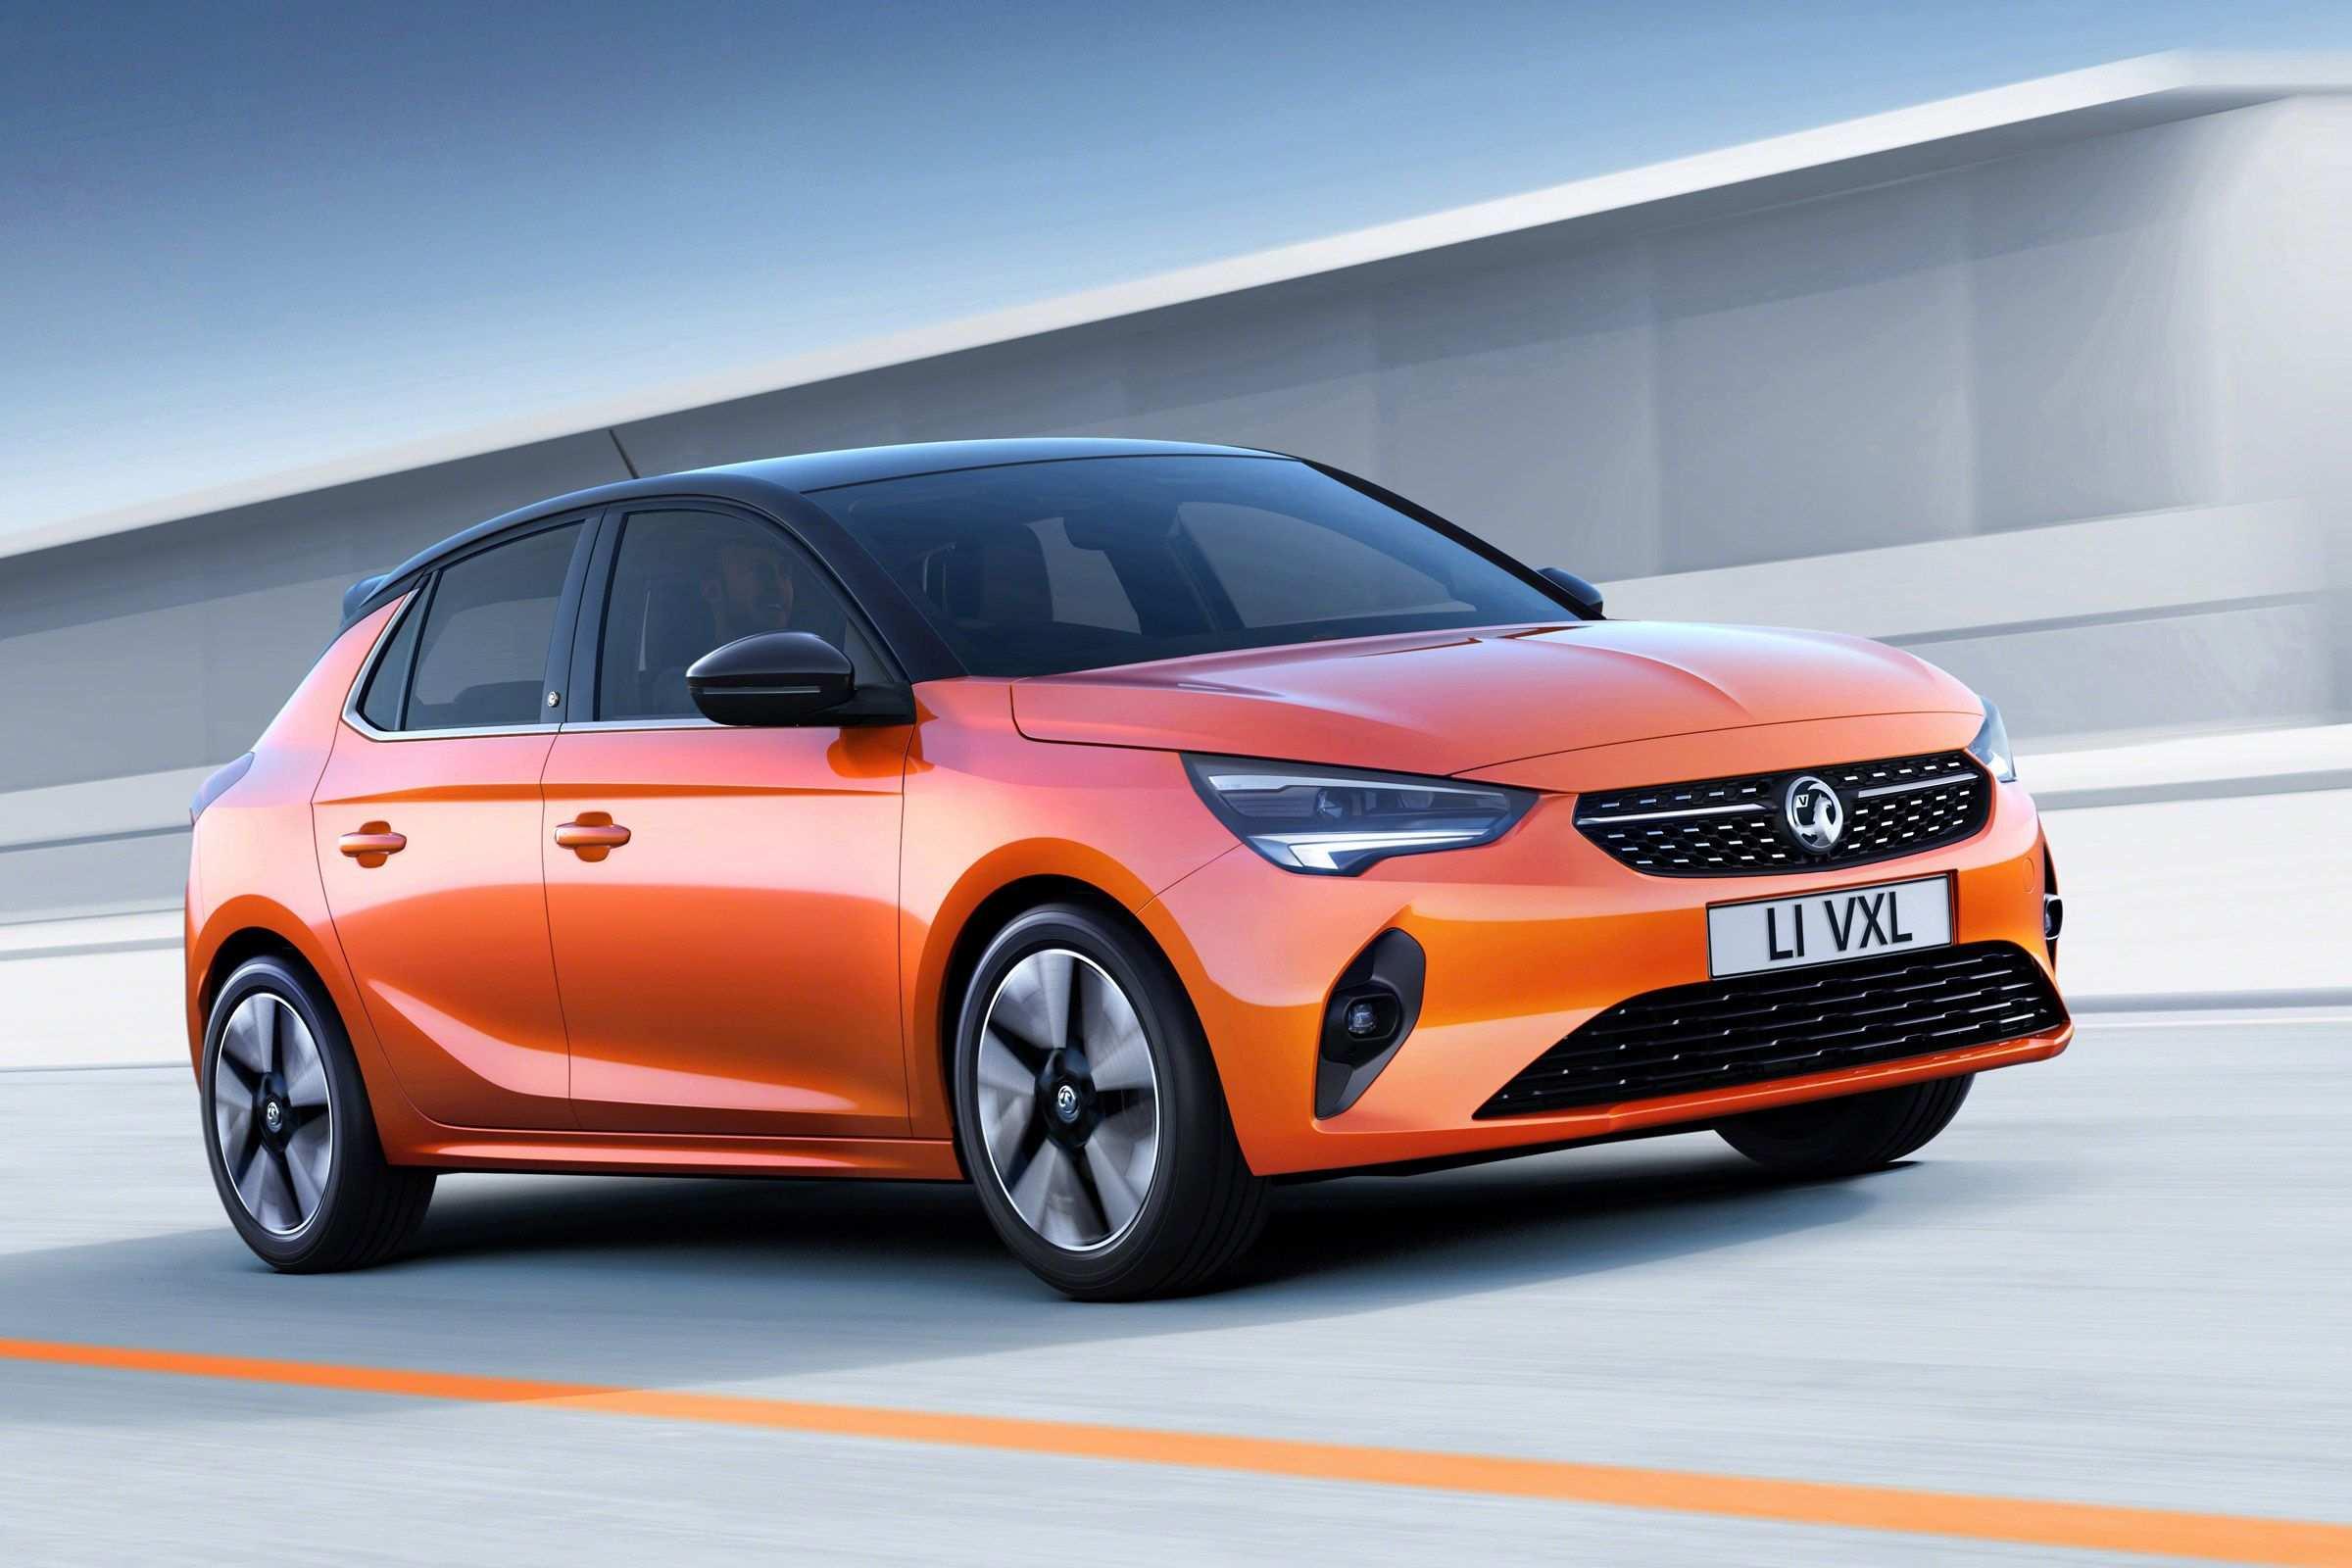 55 Gallery of Opel Will Launch Corsa Ev In 2020 Performance by Opel Will Launch Corsa Ev In 2020